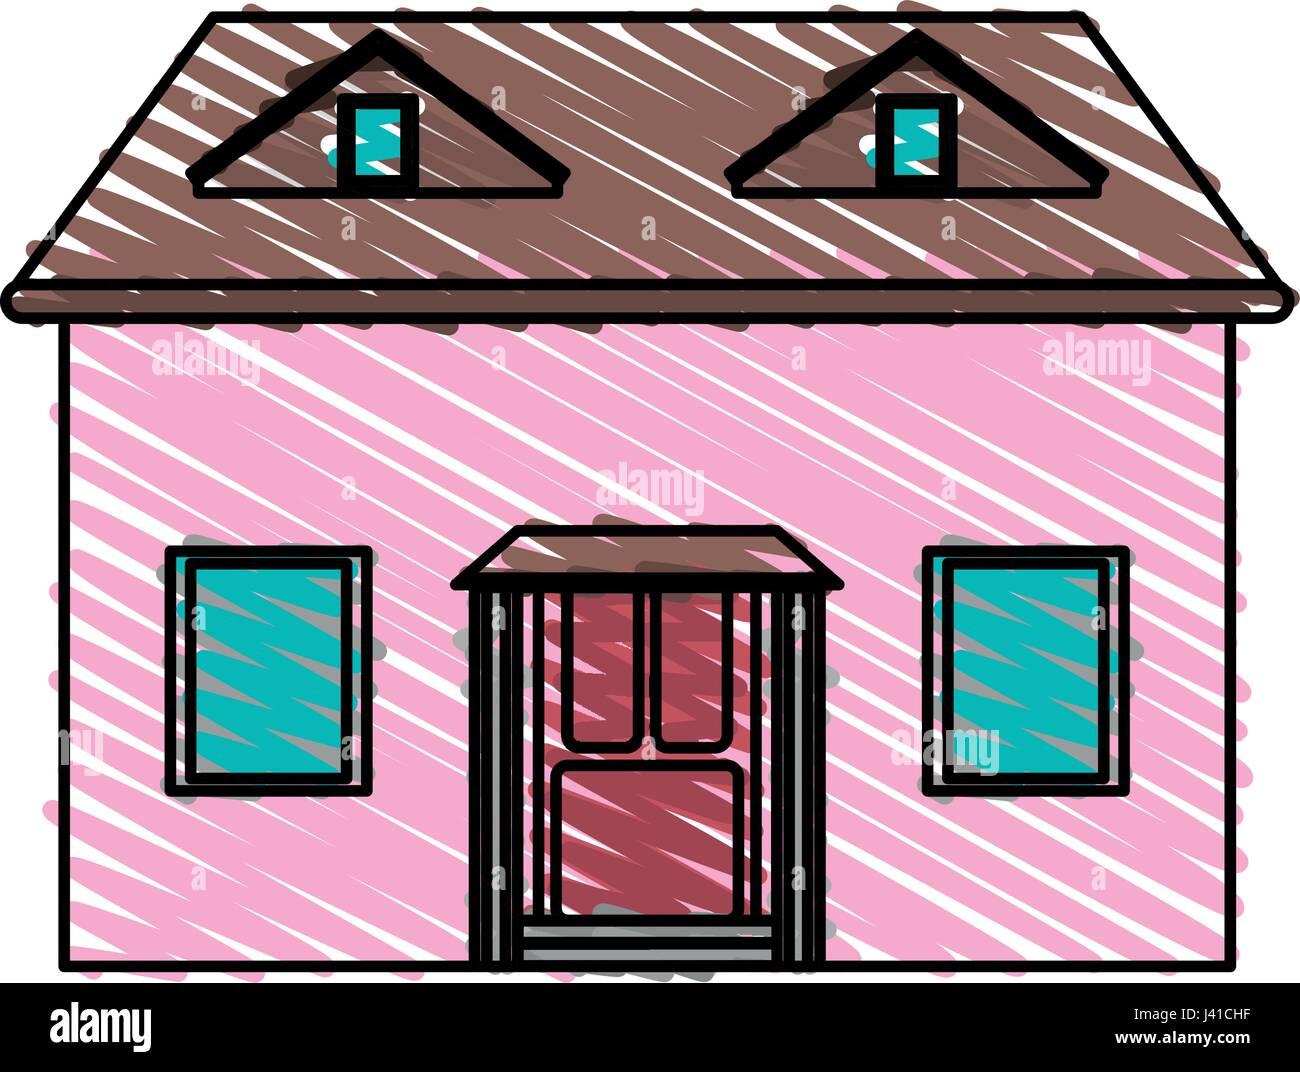 color crayon stripe cartoon facade house with attic Stock Vector Art ...